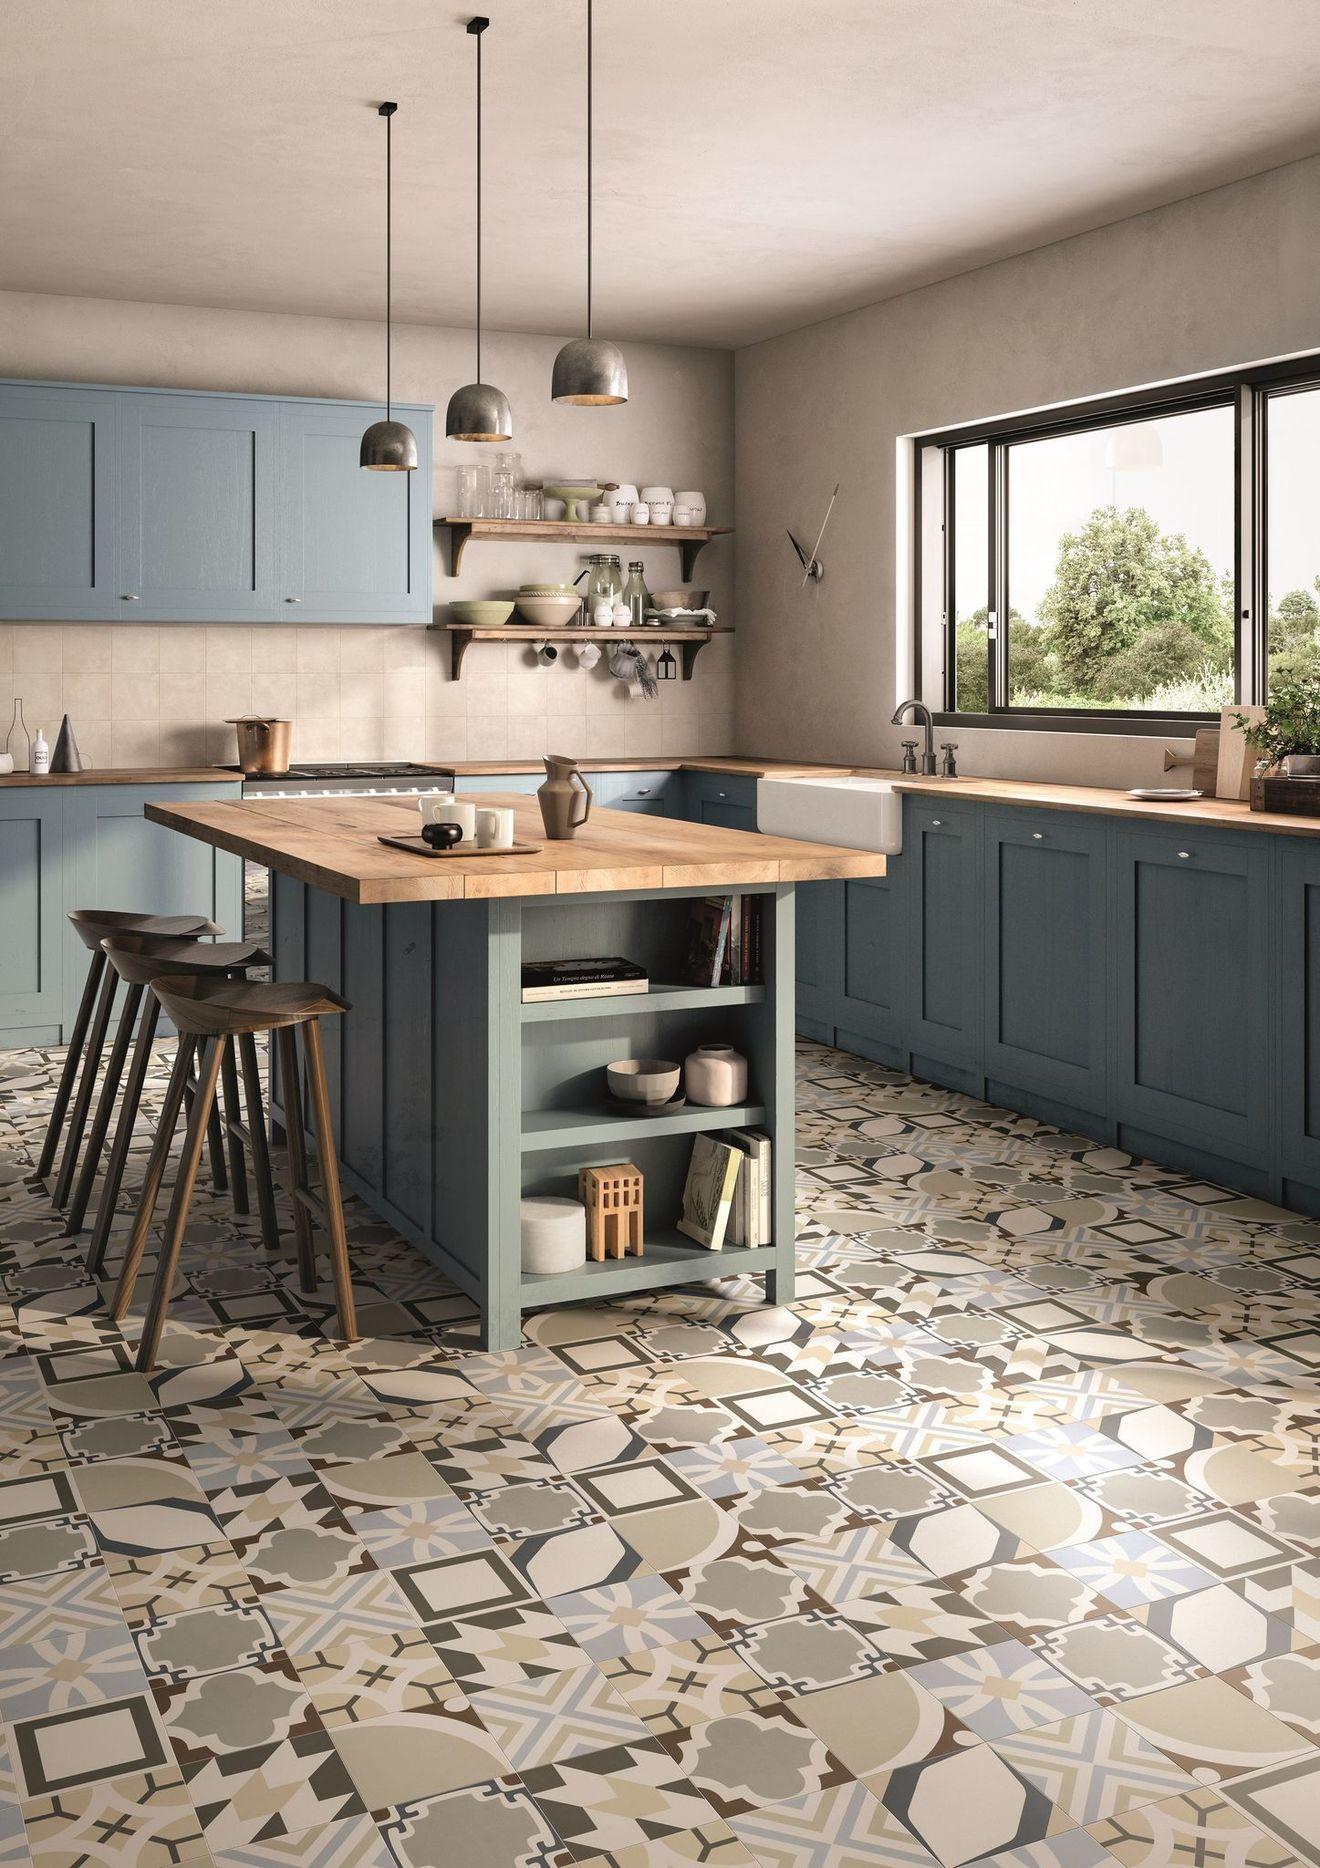 Modele De Carrelage Sol carrelage cuisine sol et mur : 20 modèles | carrelage